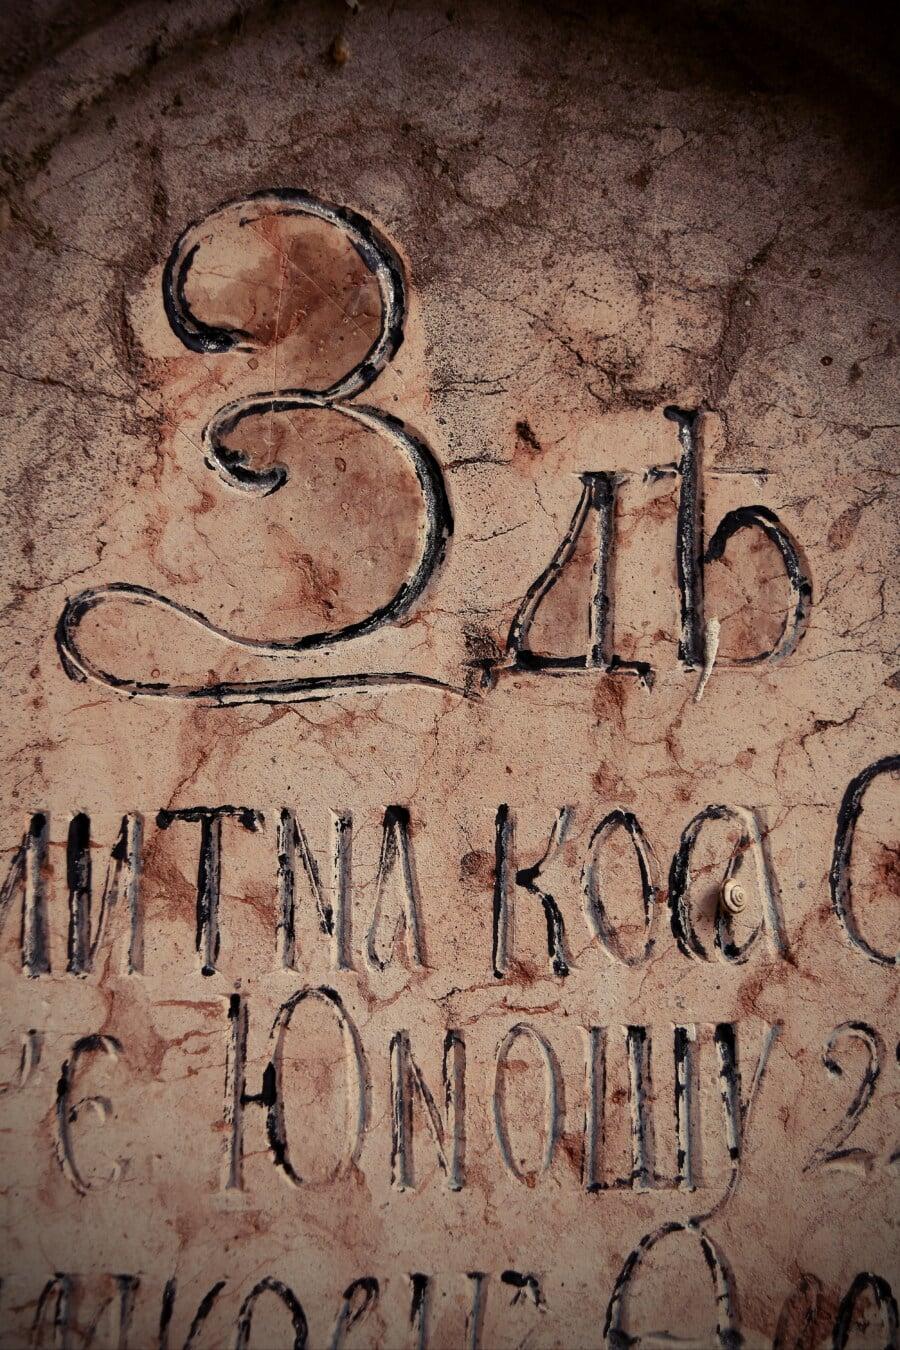 キリル, テキスト, ギリシャ語, 大理石, 間近, 古い, グランジ, 装飾, レトロ, 汚い